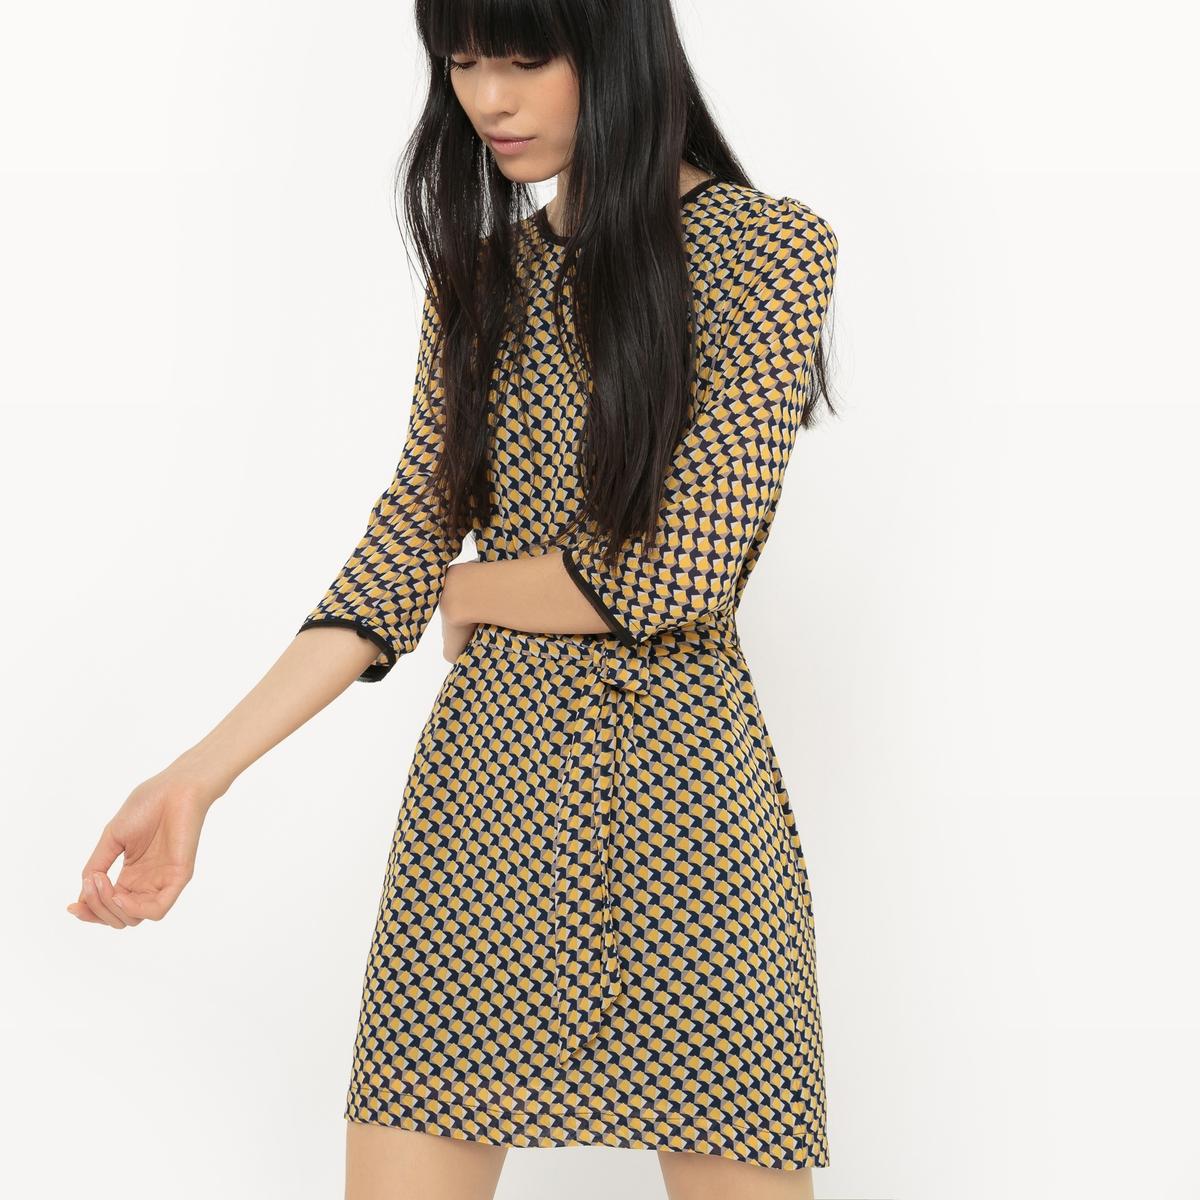 Платье прямого покроя с рисунком и поясом - Эксклюзивная модельМатериал : 100% вискоза, 100% полиэстер  Длина рукава : рукава 3/4  Форма воротника : круглый вырез Покрой платья : платье прямого покроя   Рисунок : графичный  Особенность платья : с поясом Длина платья : укороченная модель<br><br>Цвет: рисунок/желтый